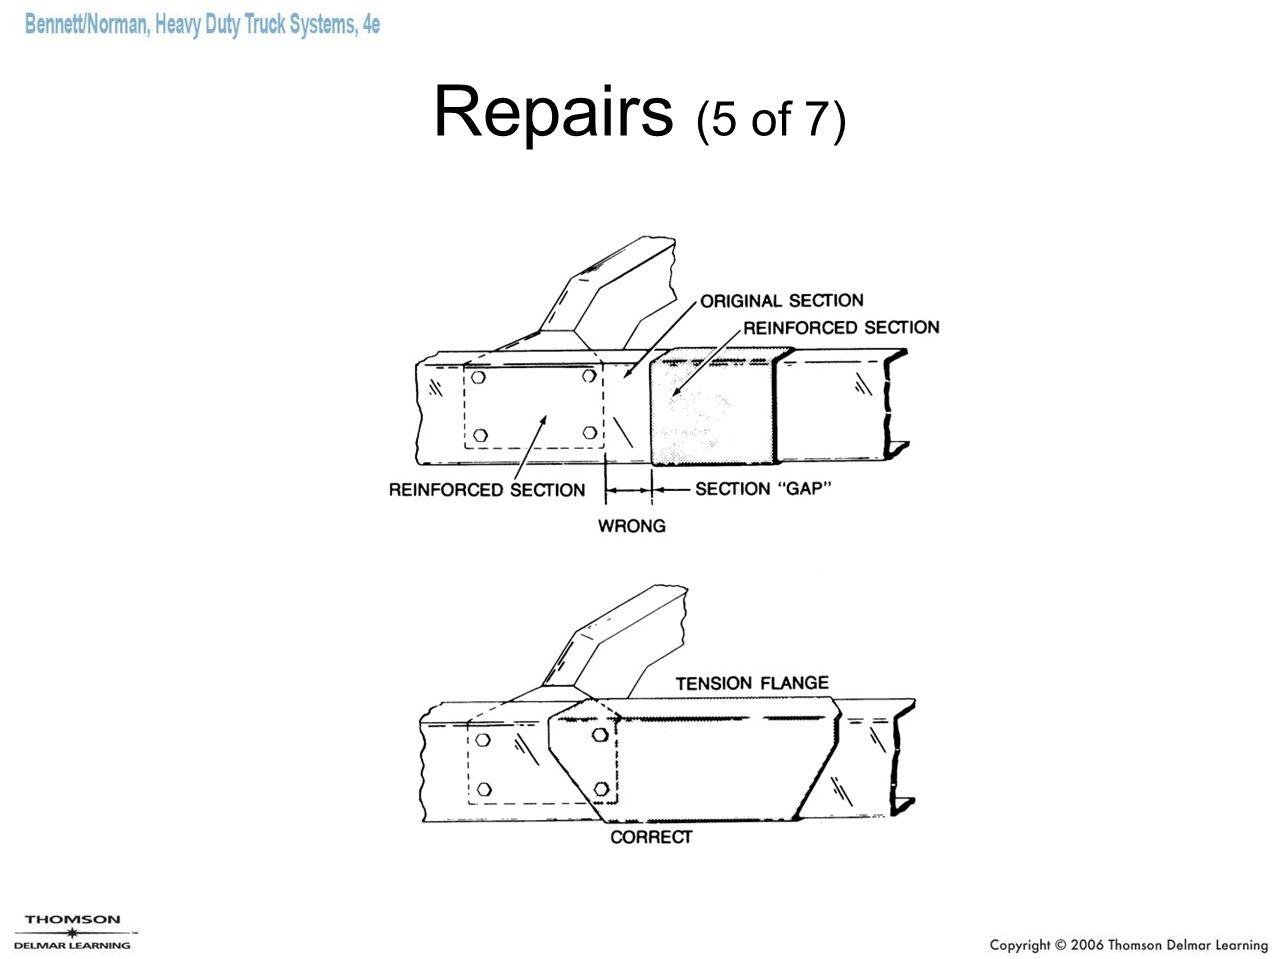 Repairs (5 of 7)